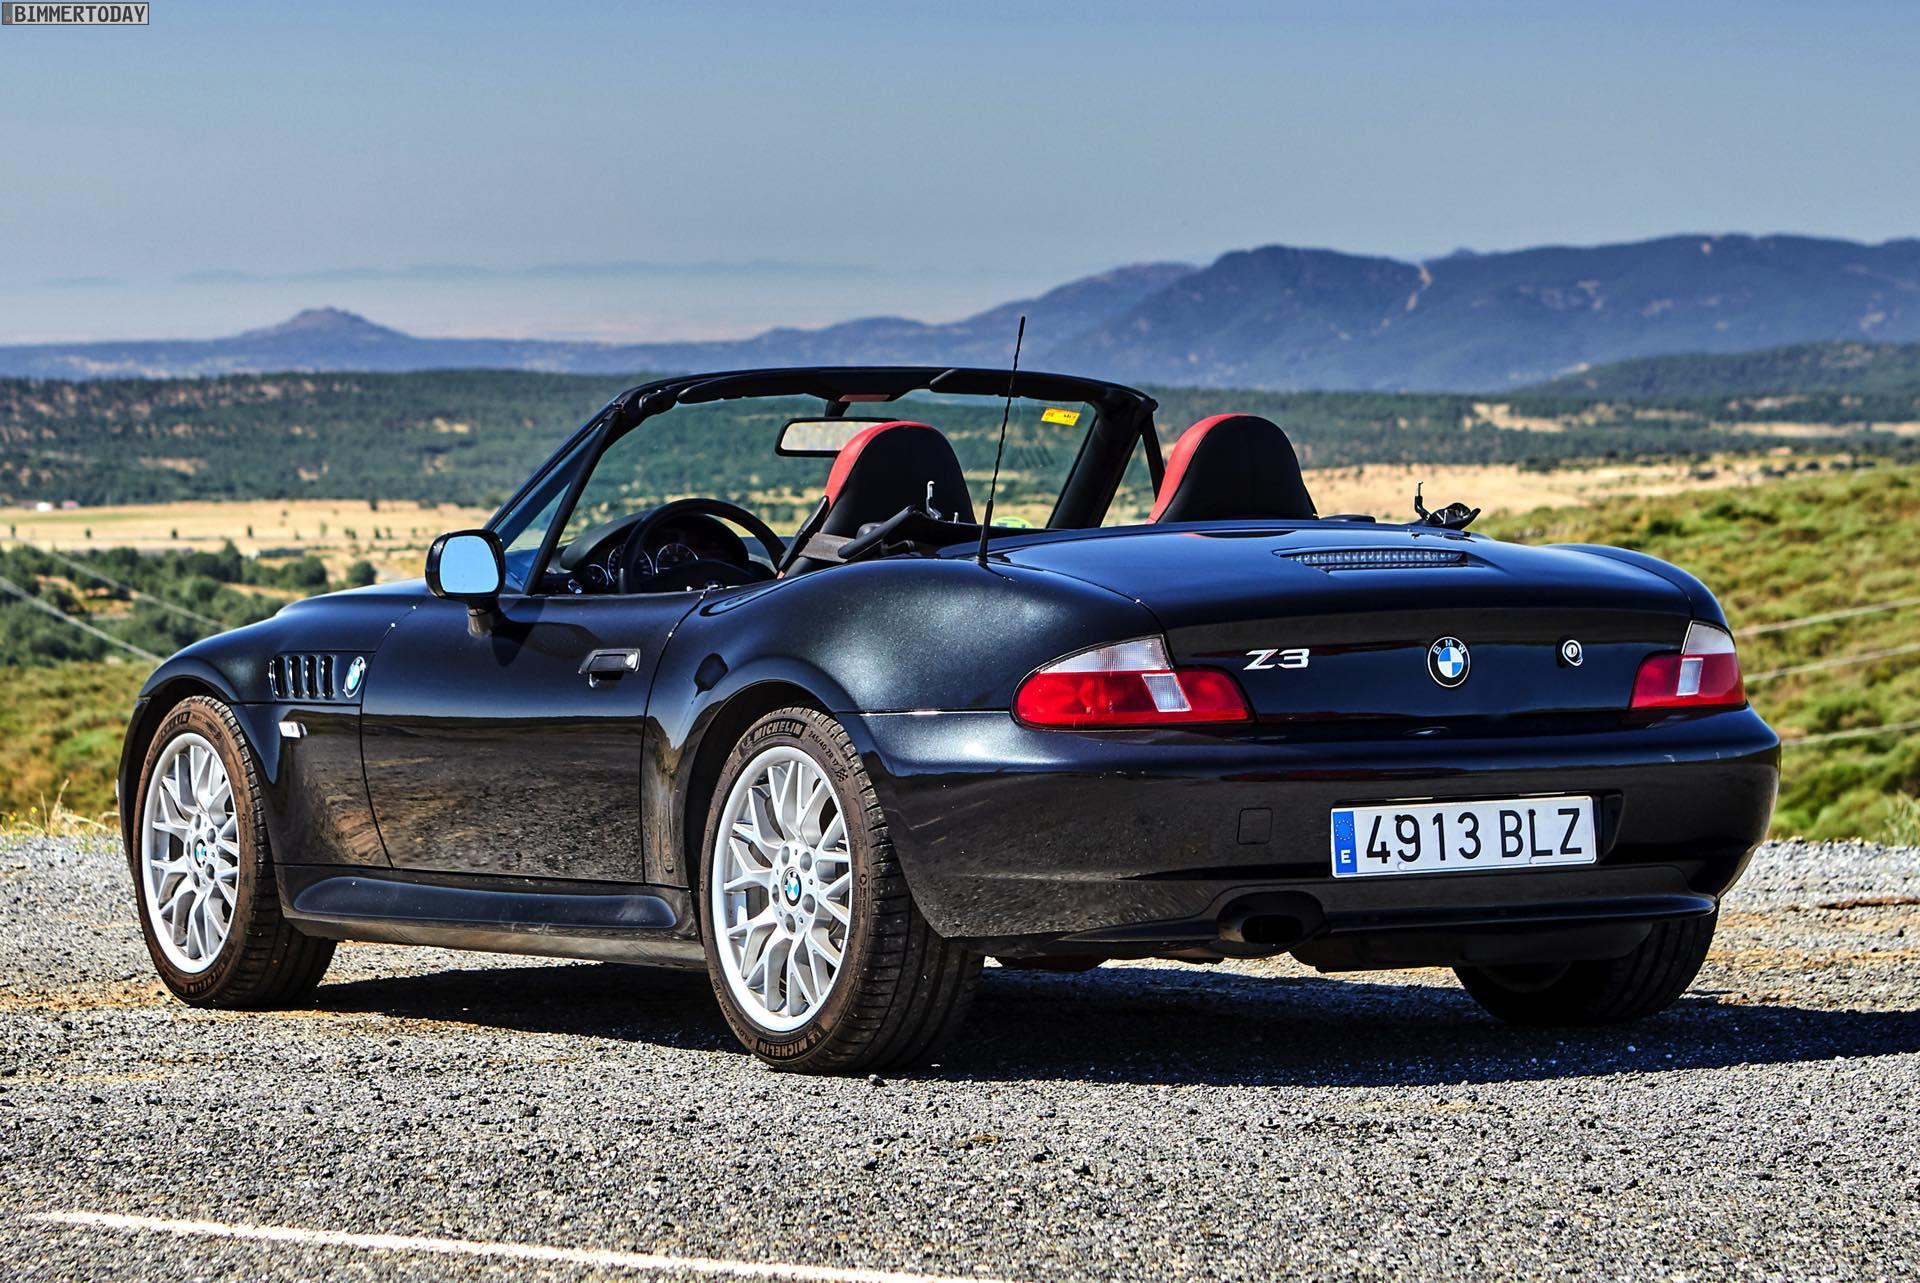 25 Jahre BMW Z3: Roadster-Jubiläum ohne Glamour & Party